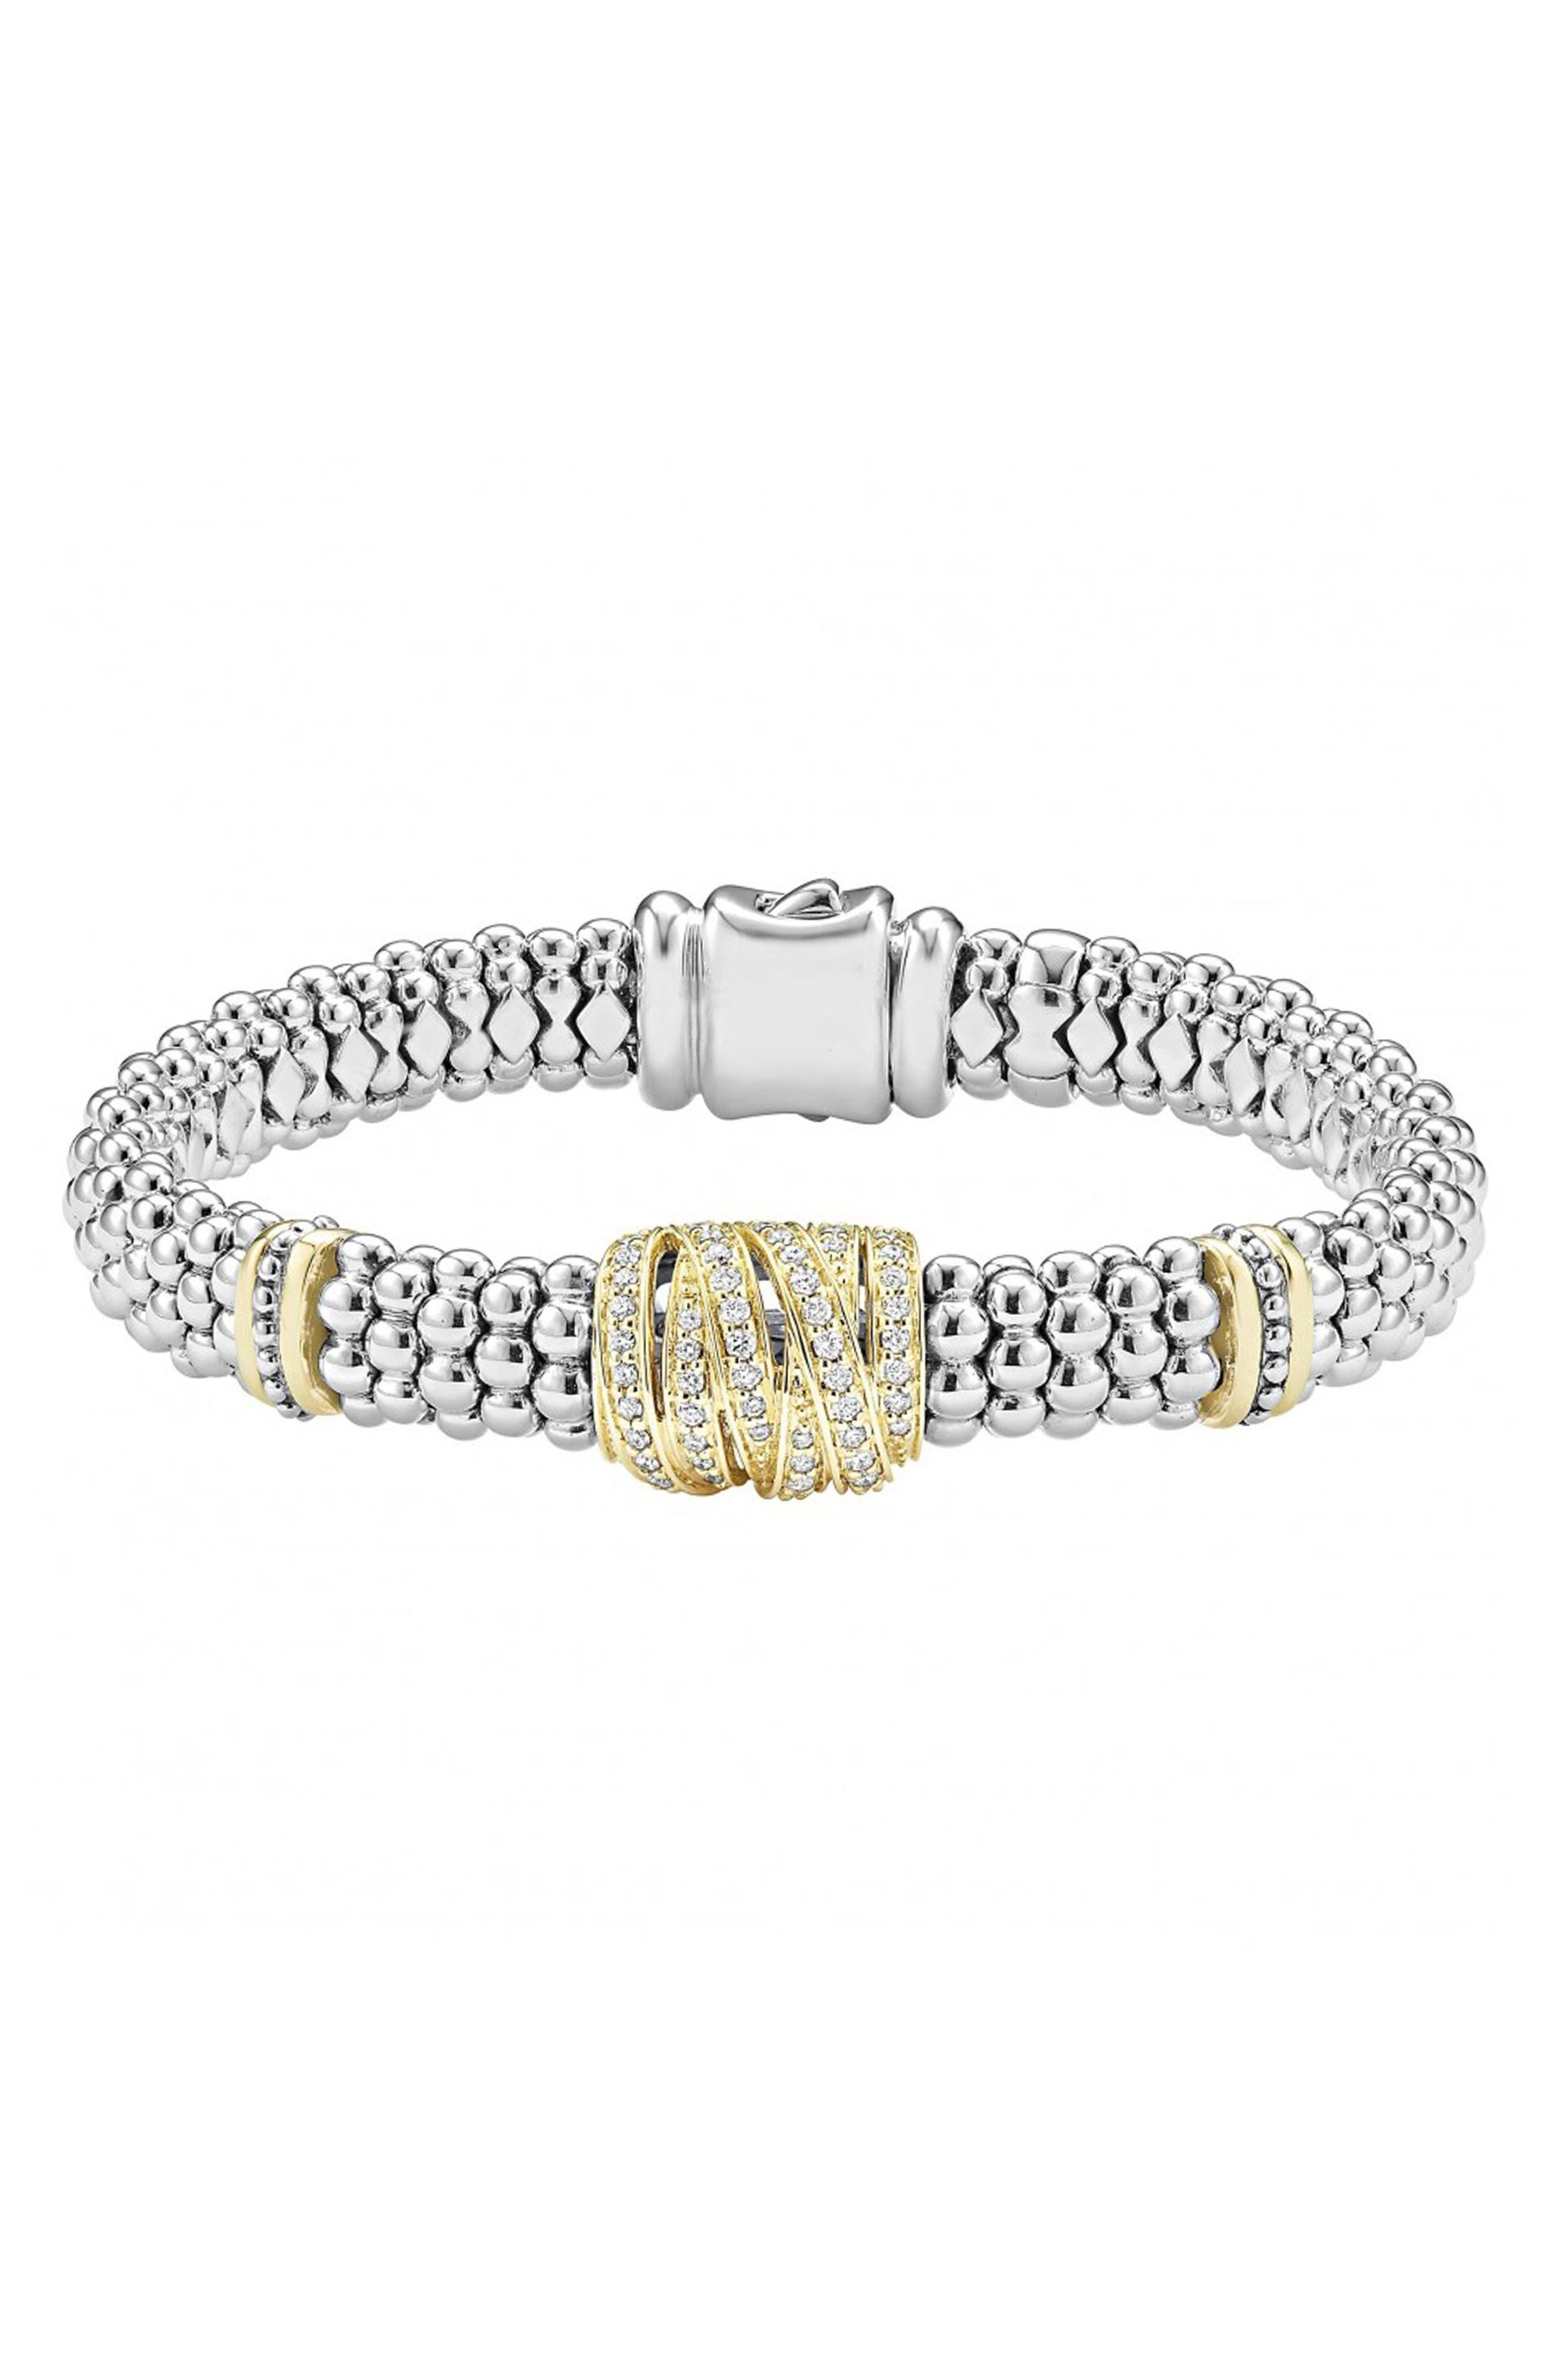 LAGOS 'Diamonds & Caviar' Diamond Rope Bracelet